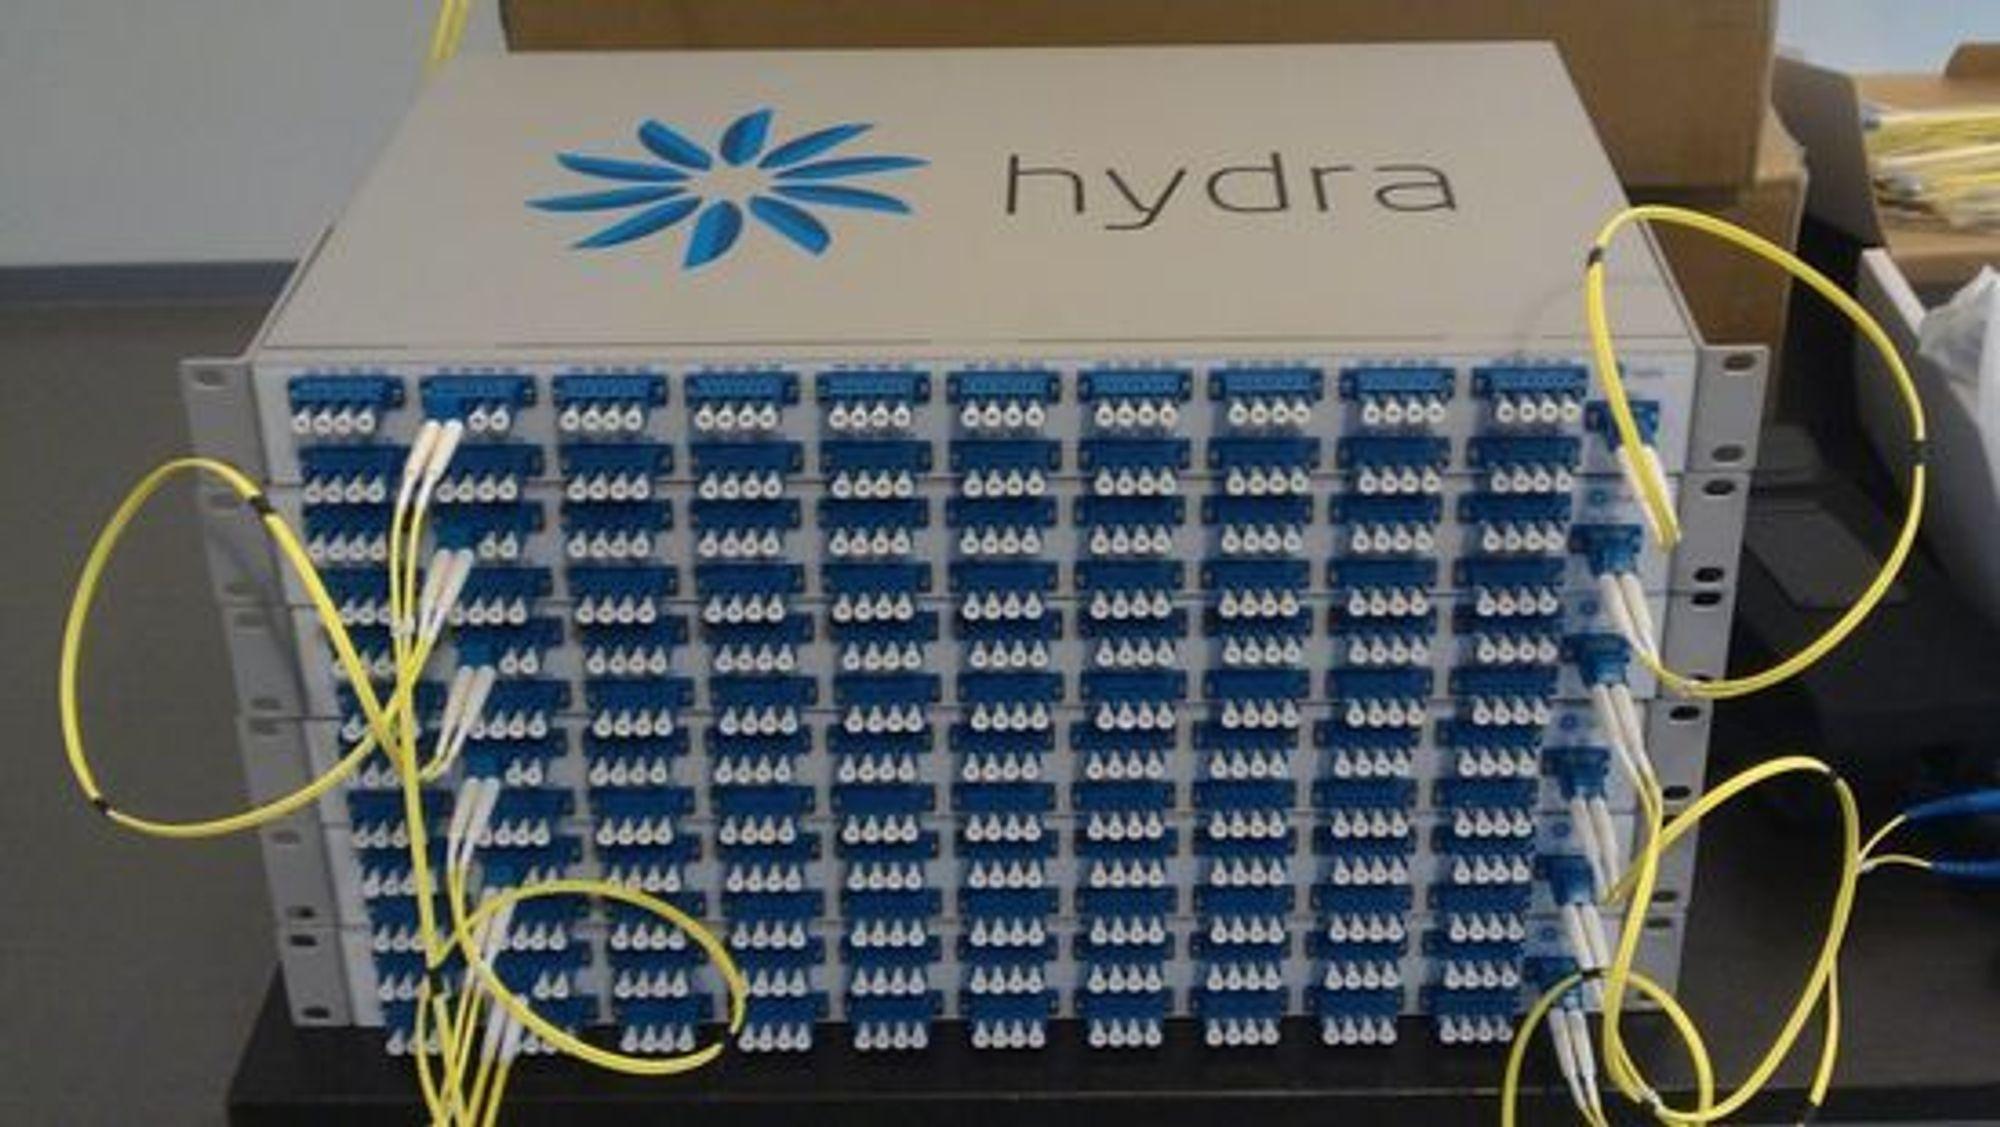 Bayonettes egenkonstruerte DWDM splitter lys i opptil 160 kanaler over samme fibertråd. Kapasiteten per linje er 1,6 terabit per sekund.